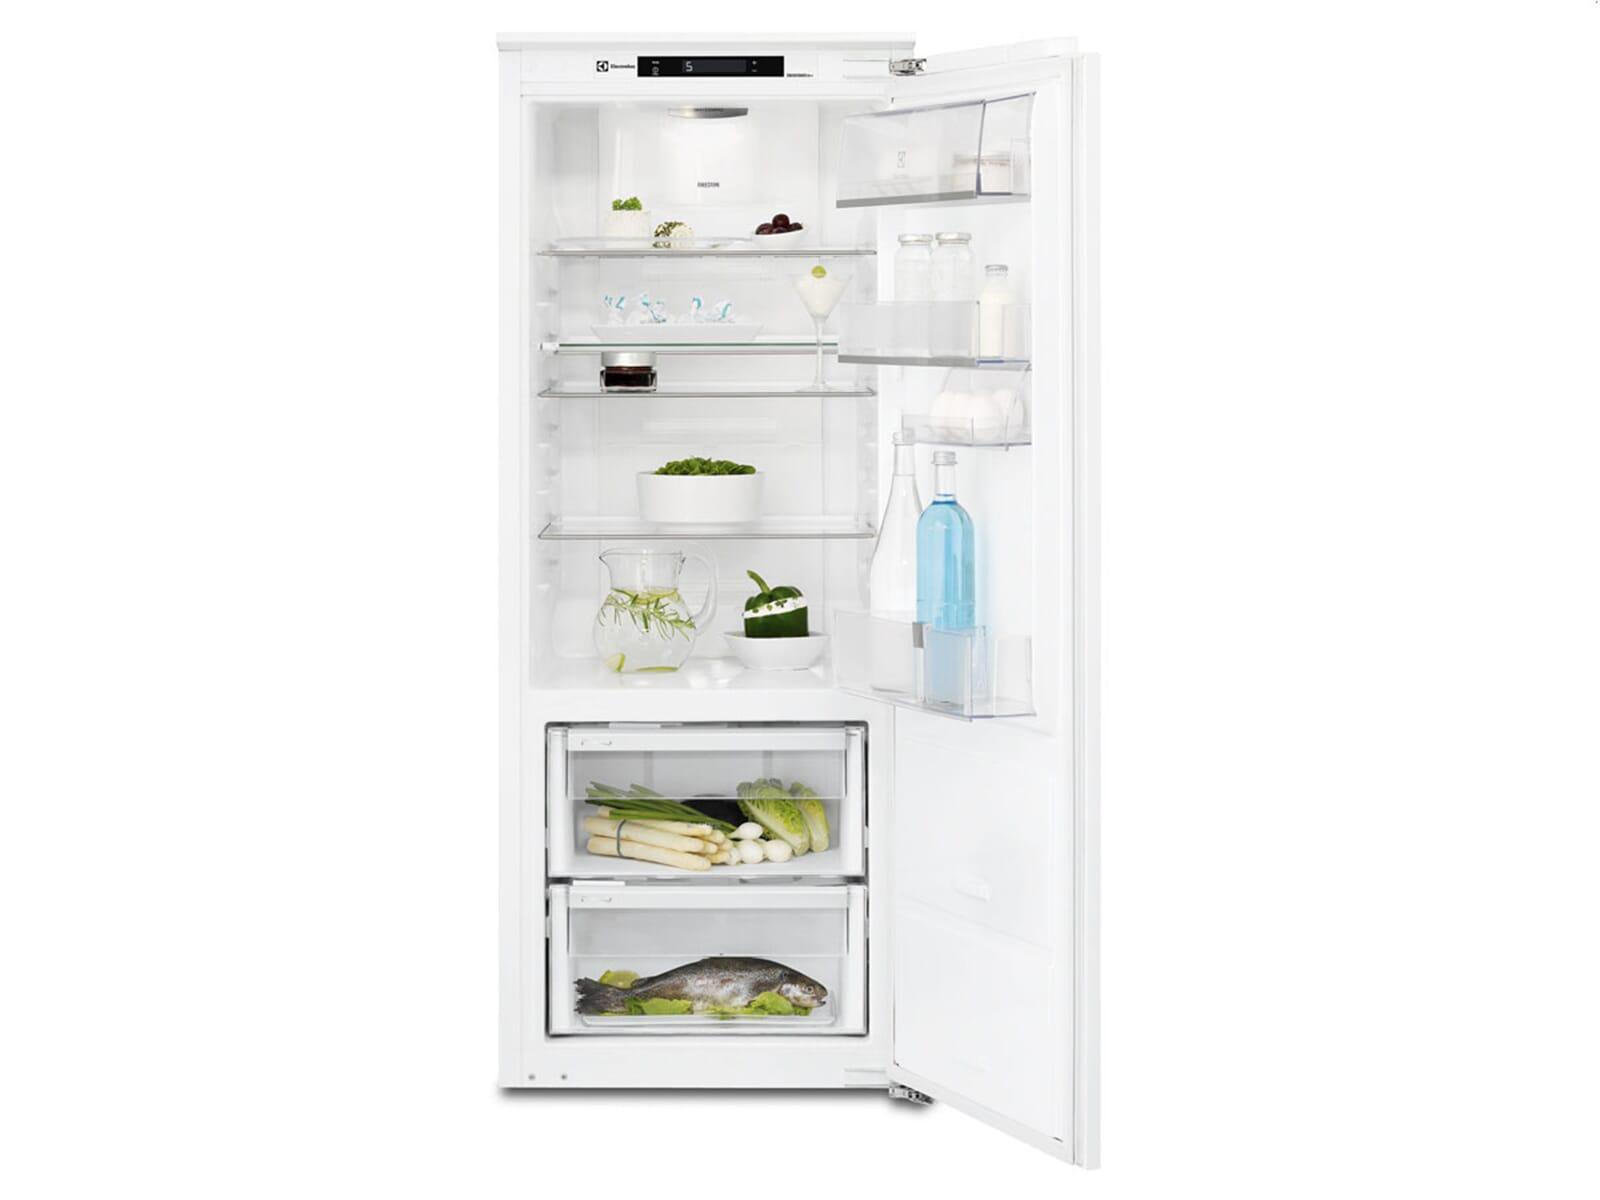 Bomann Kühlschrank 140 Cm : Bomann kühlschrank cm respekta kg a kühlschrank kühlteil l